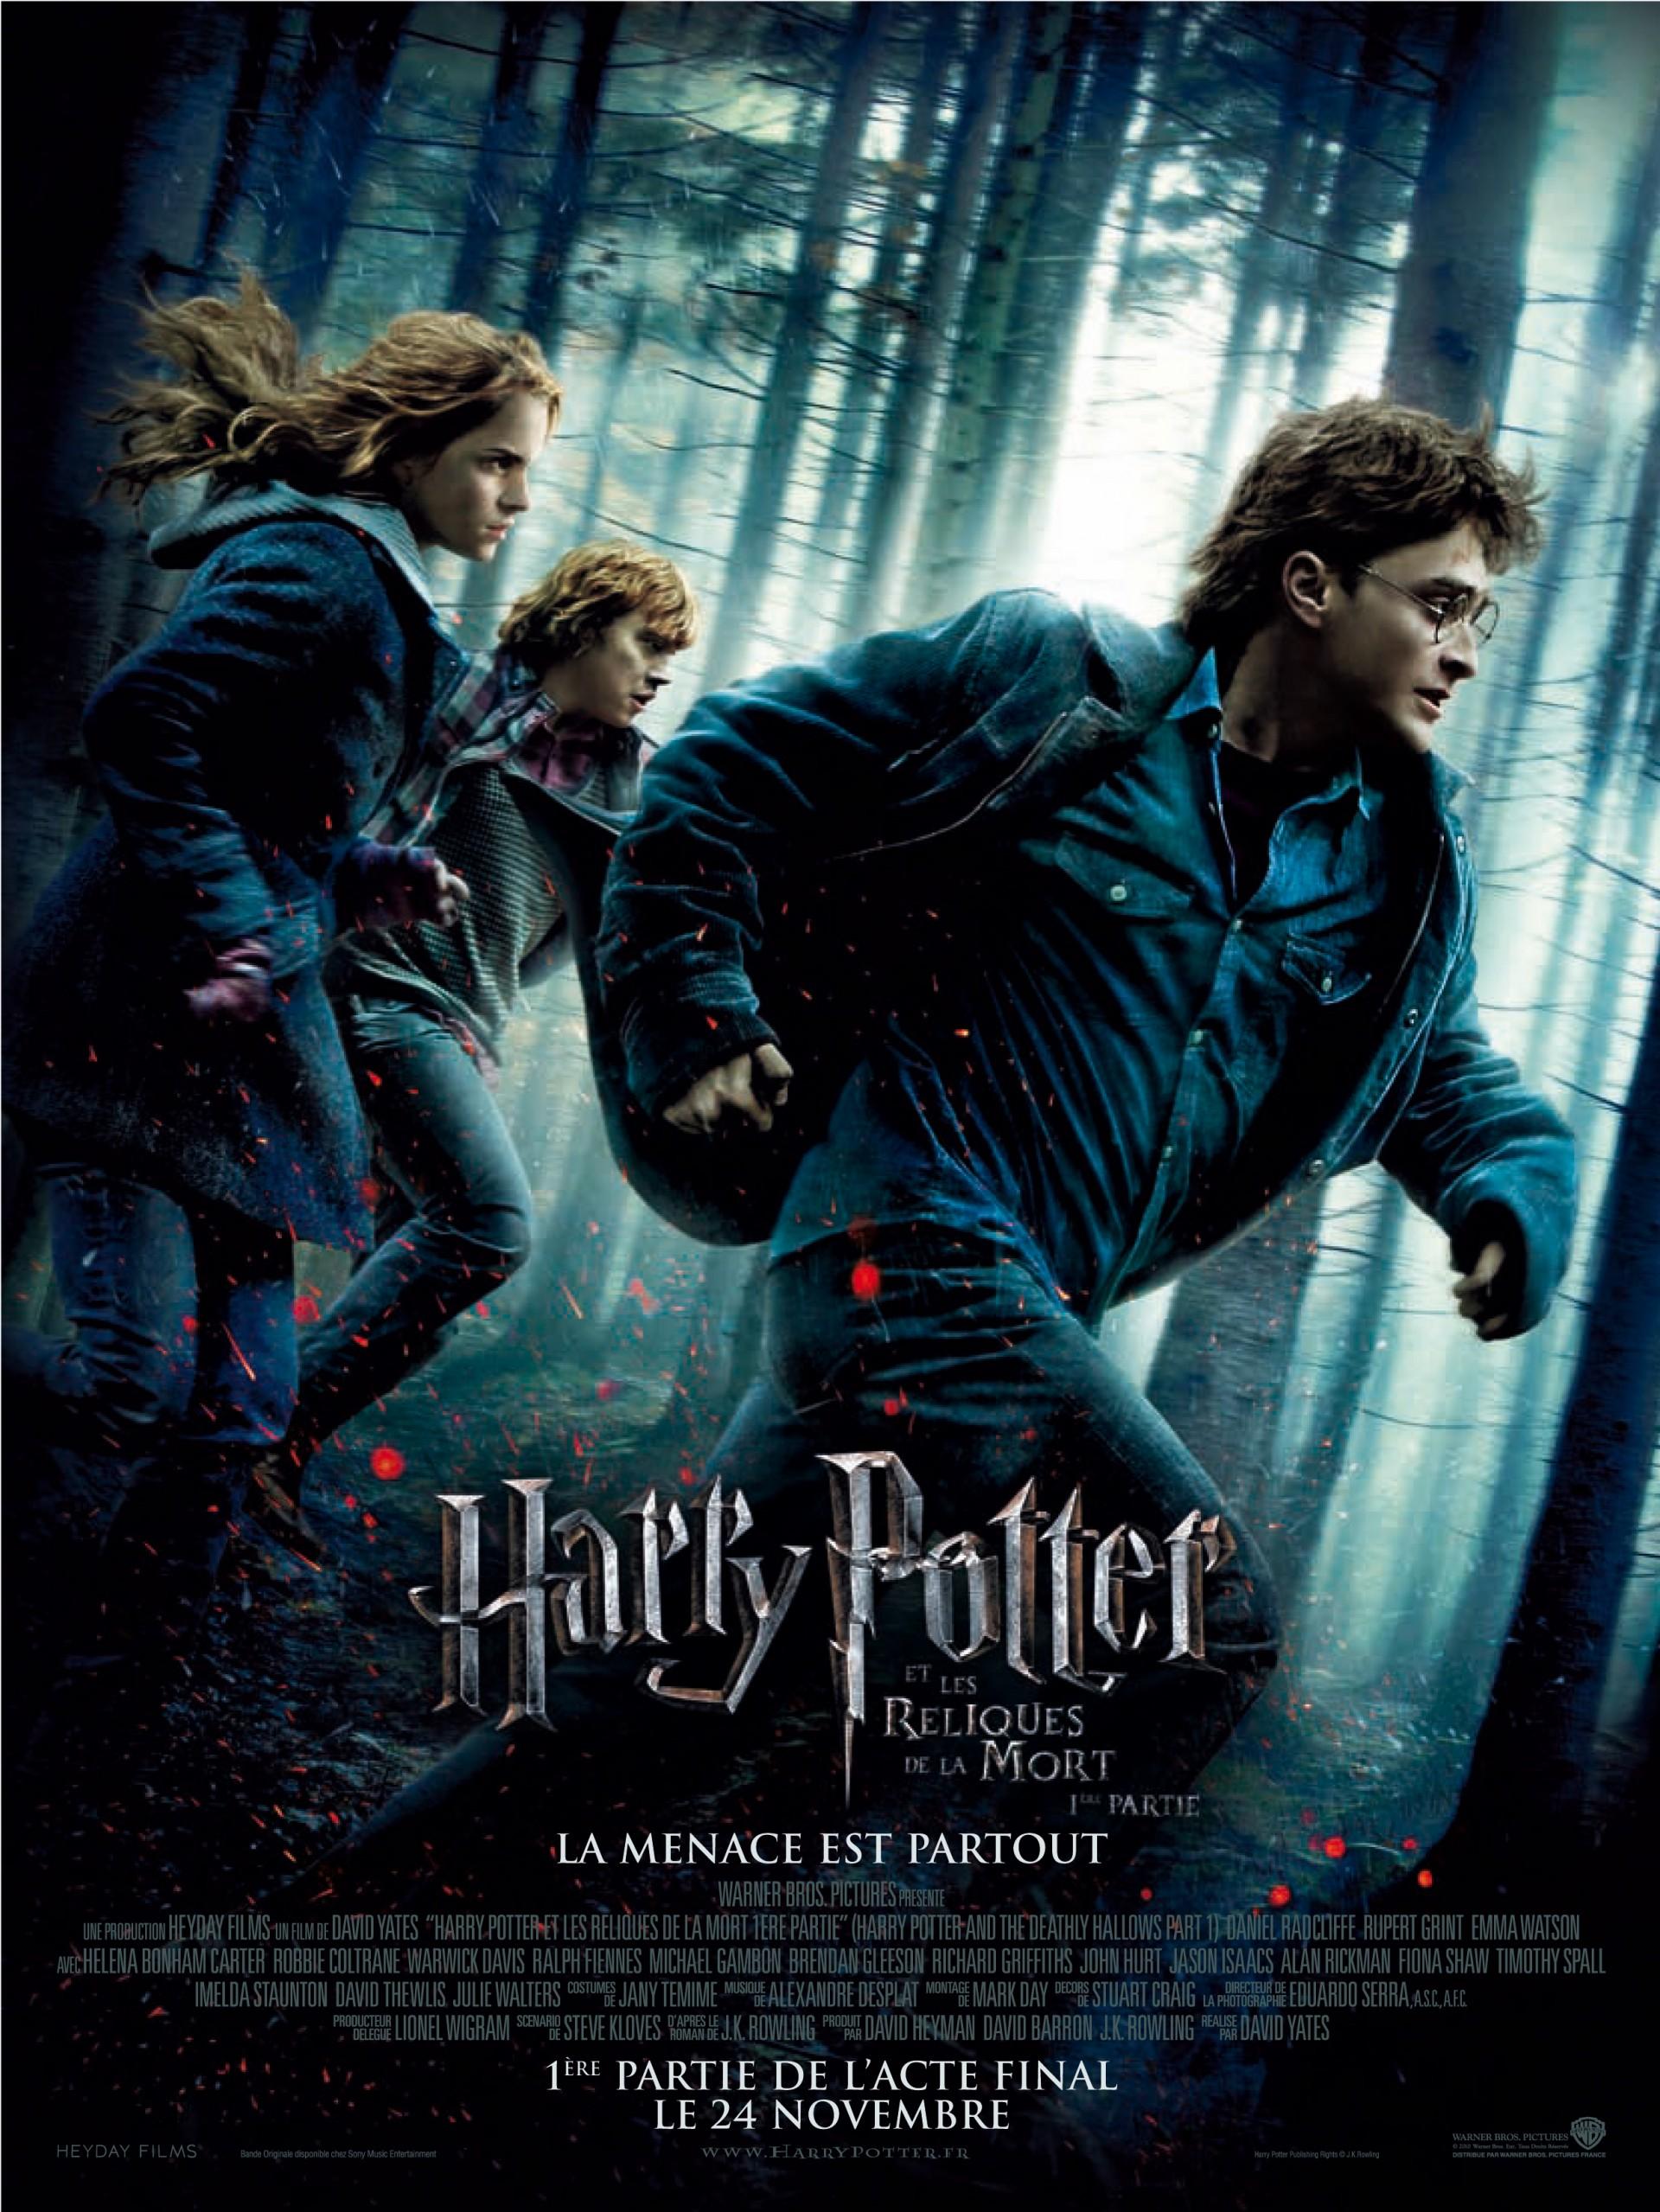 [DF] Harry Potter et les Reliques de la Mort - Partie 1 [DVDRiP]